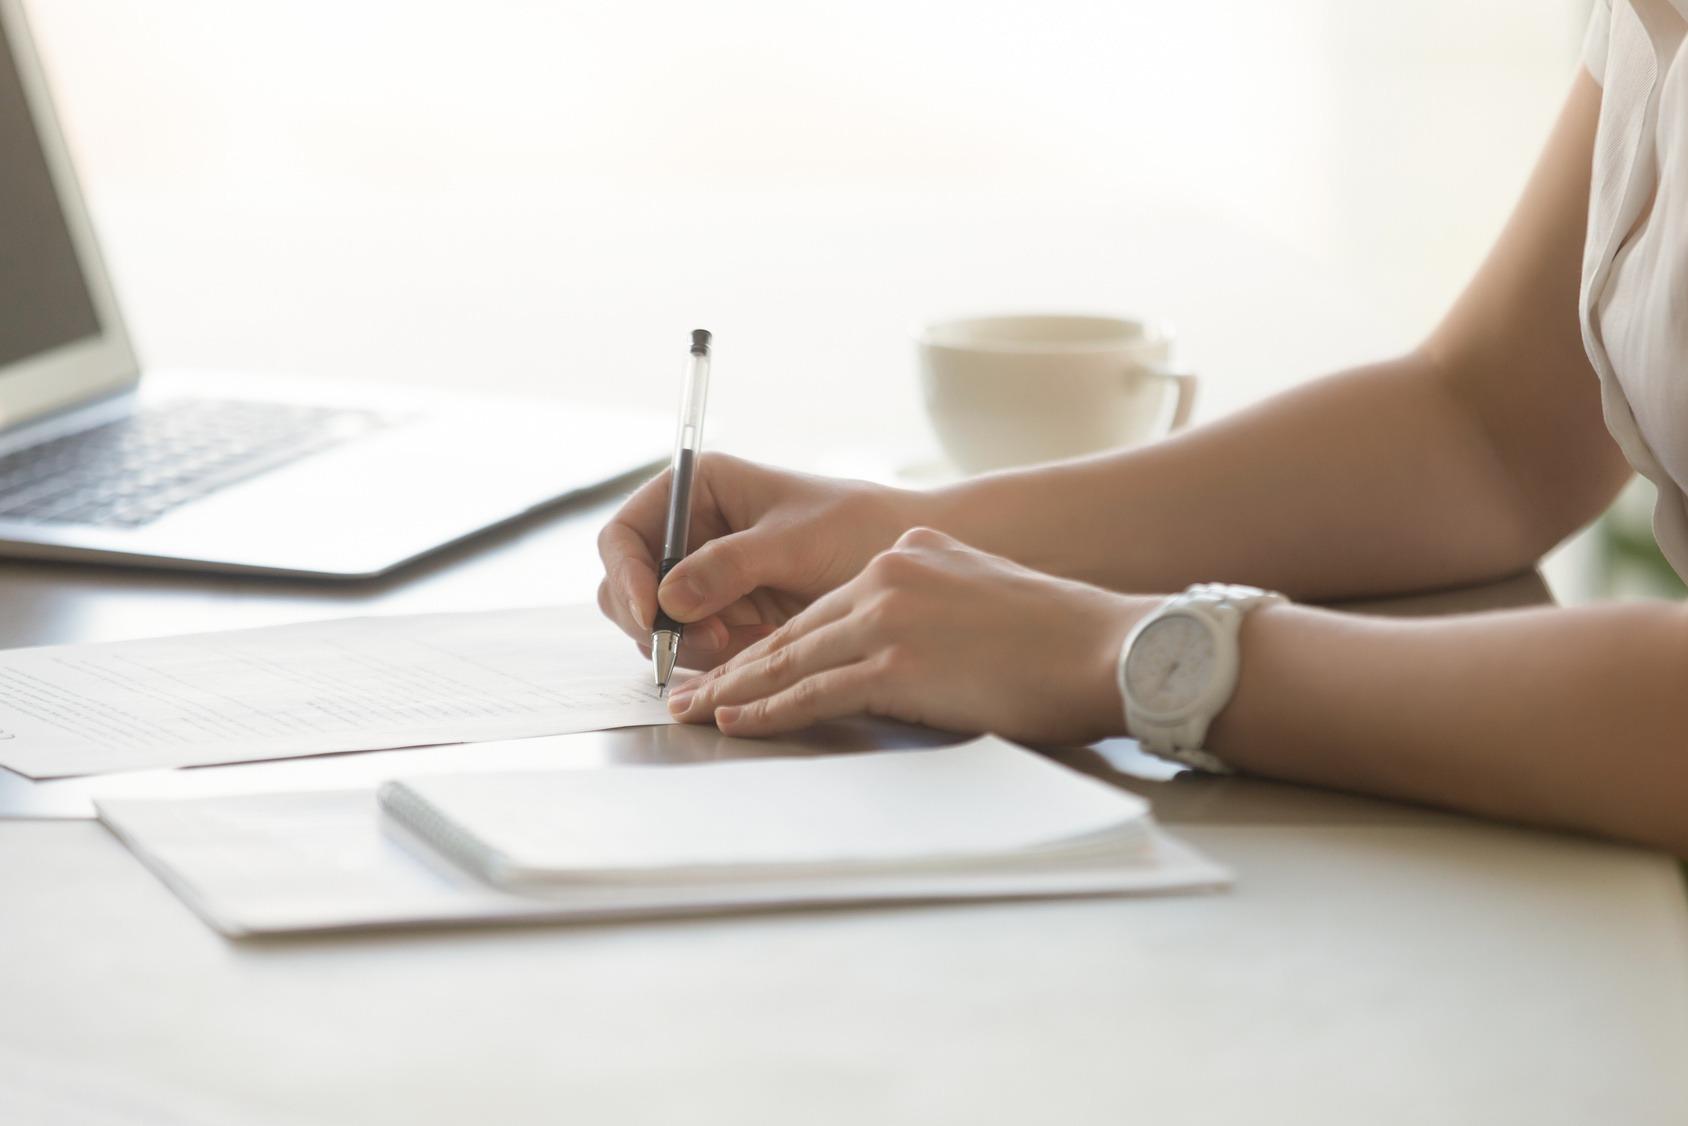 Eine Bewerberin unterzeichnet ihren Arbeitsvertrag beim Abschluss ihres Vorstellungsgesprächs.